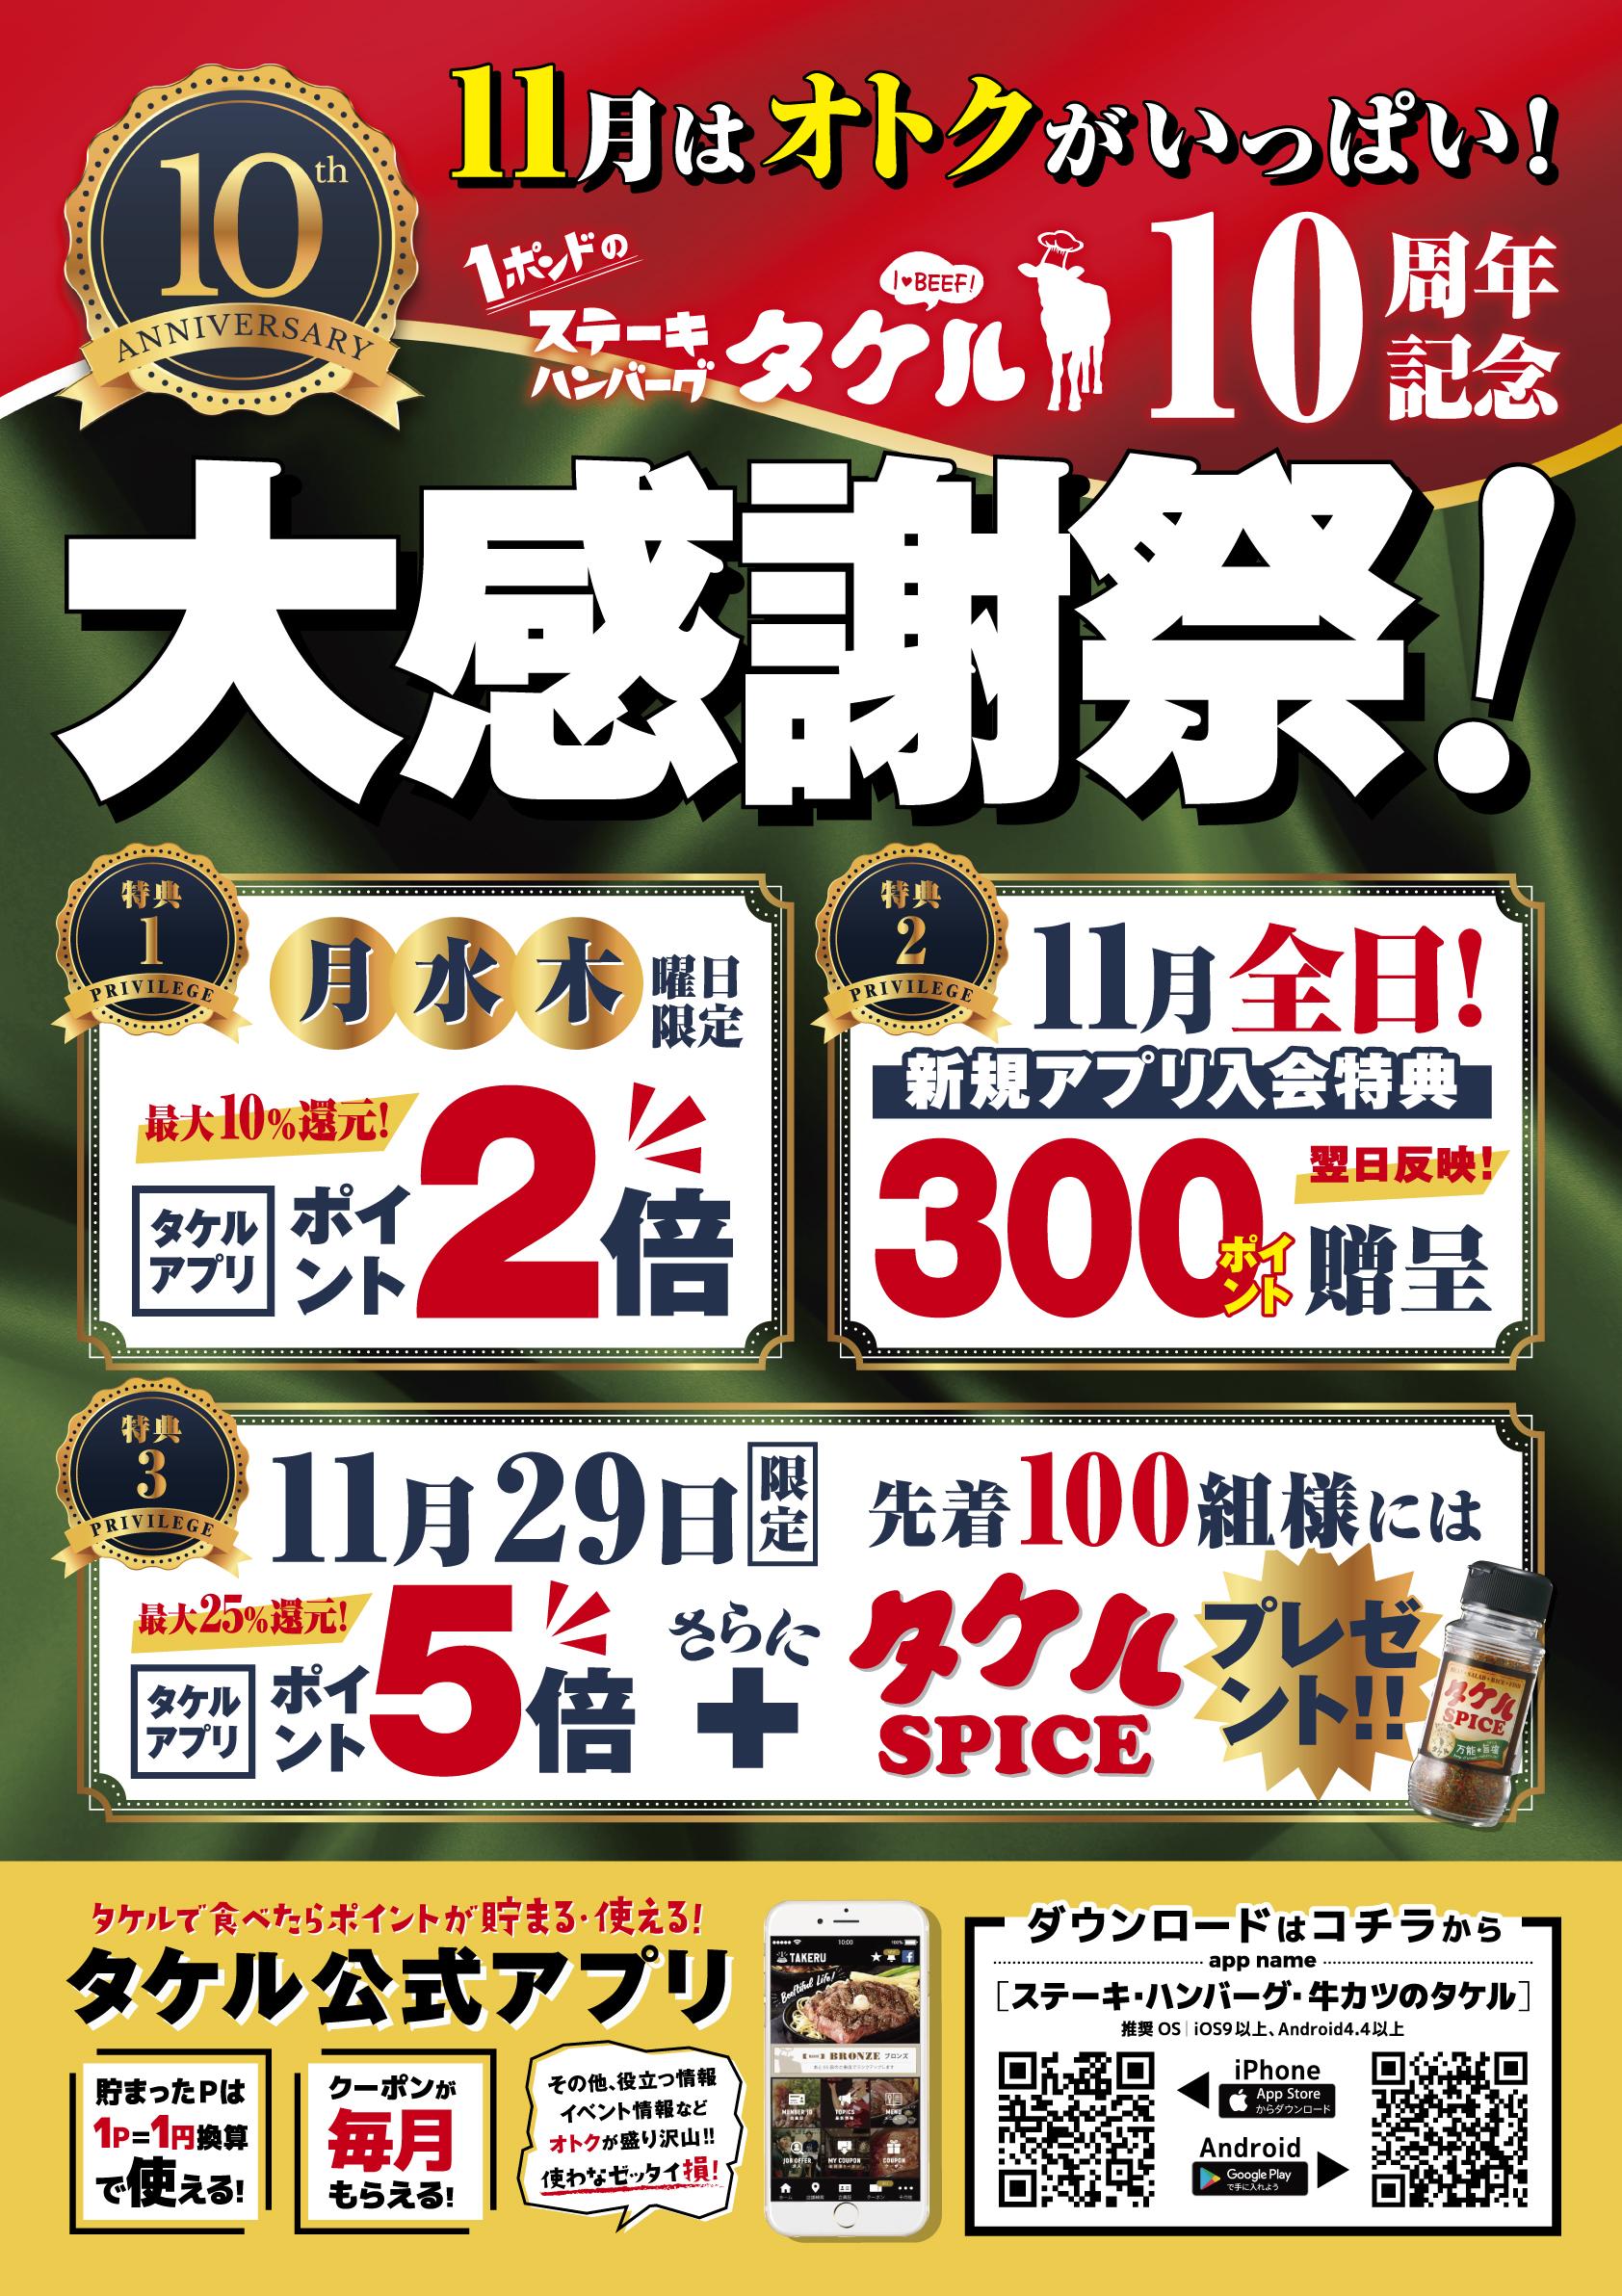 【タケル10周年記念】11月はオトクはいっぱい!『大感謝祭』